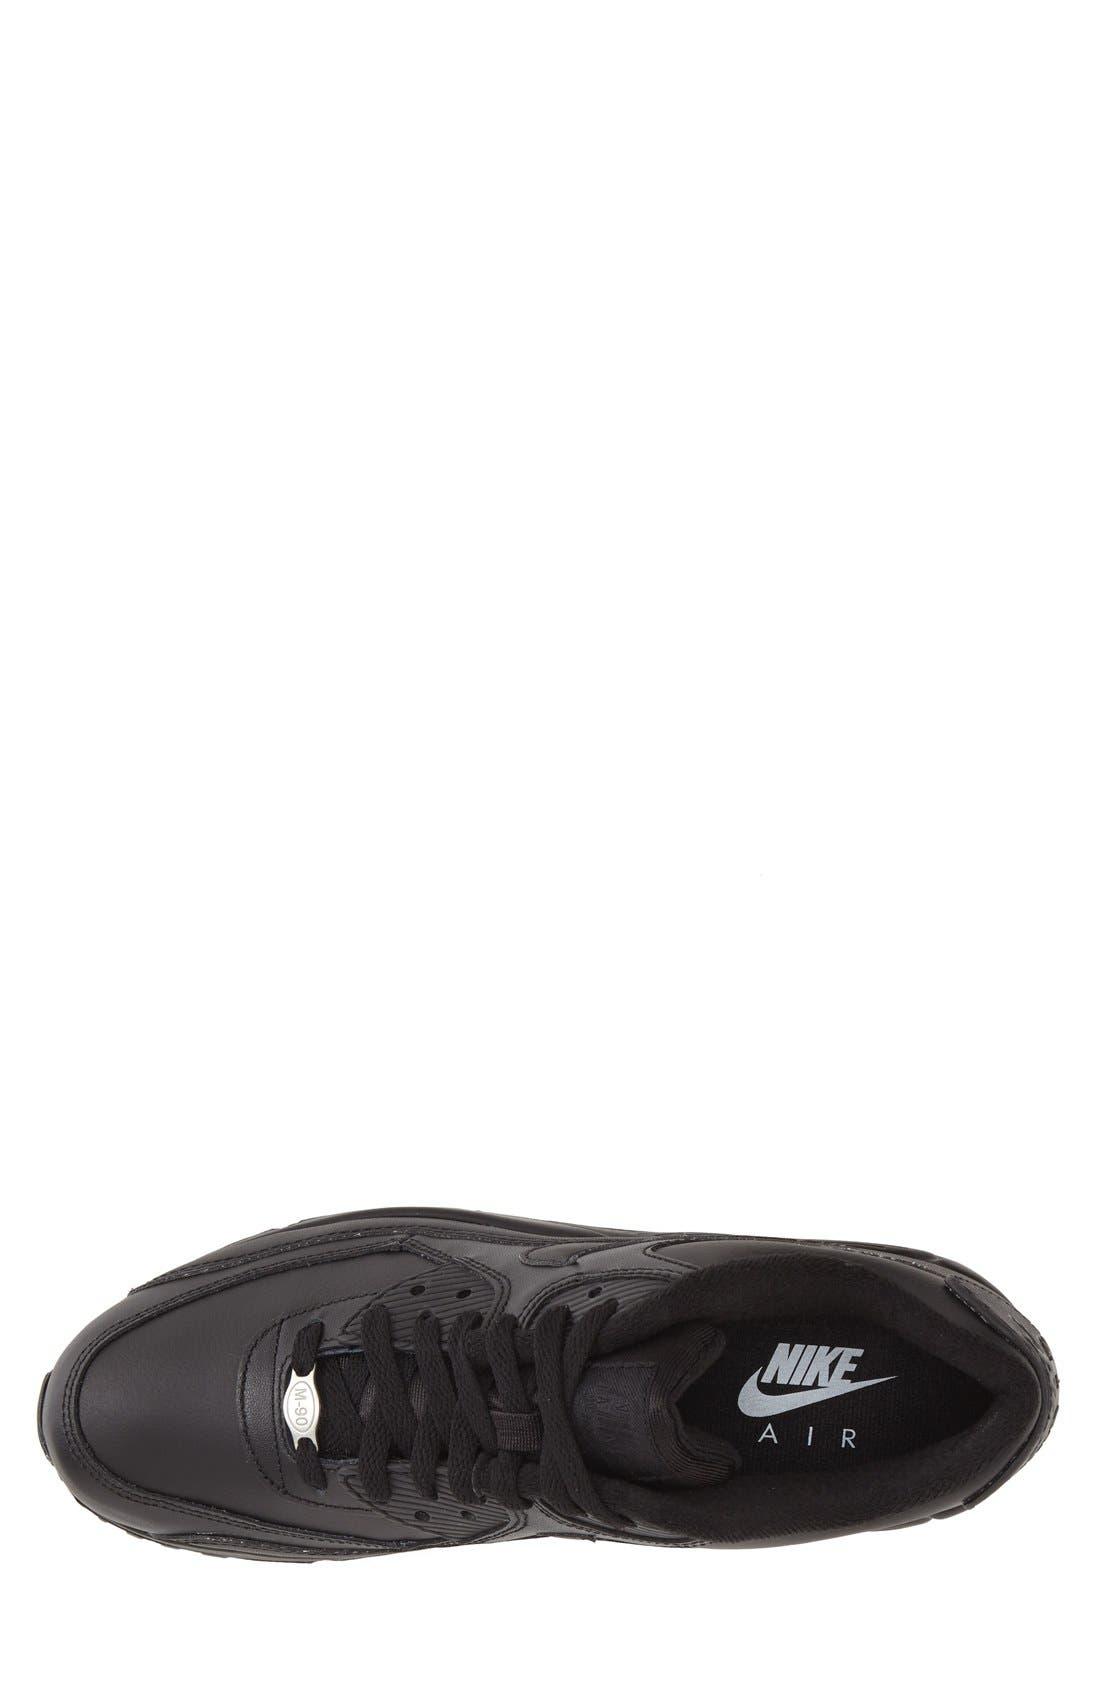 Alternate Image 3  - Nike 'Air Max 90' Leather Sneaker (Men)